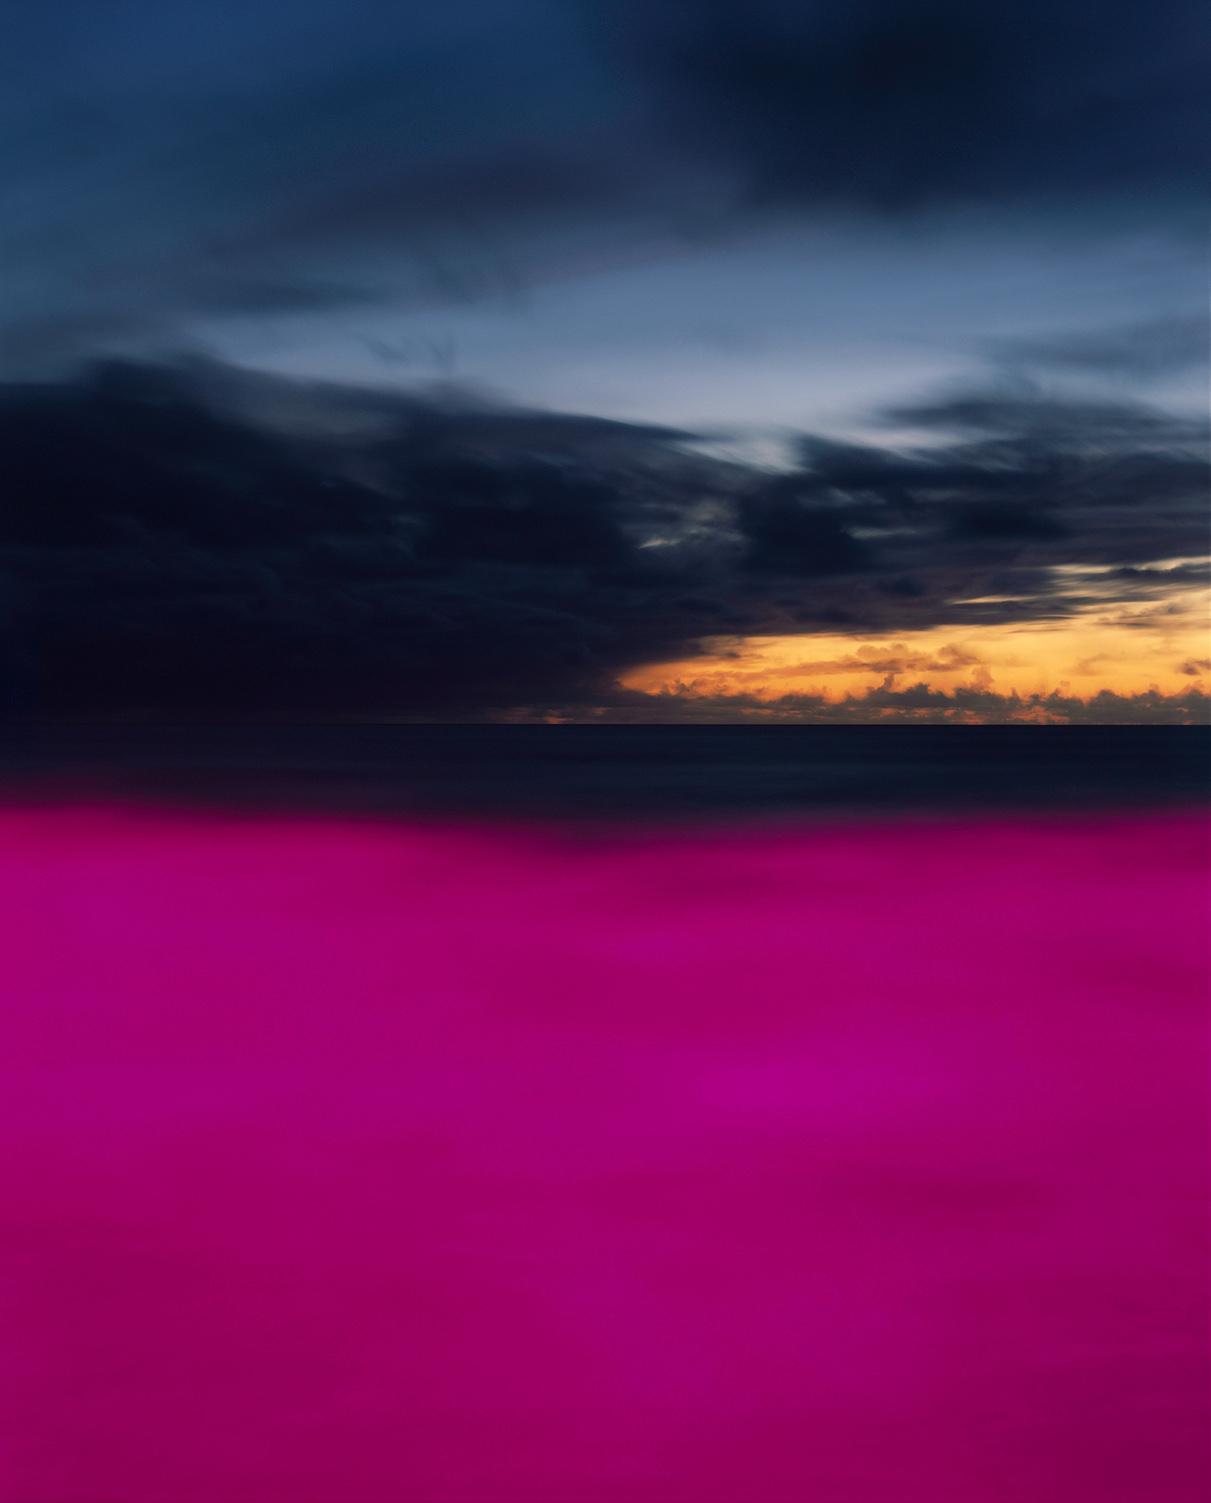 Πρώτη θέση στην κατηγορία Αναλογικό Φιλμ. Ο Πόλιους Μακάουσκας φωτογραφίζει θάλασσες, προσθέτοντας χρωματιστό φως, το οποίο, όπως λέει, συμβολίζει τα μικροπλαστικά που βρίσκονται δυστυχώς παντού στον ωκεανό